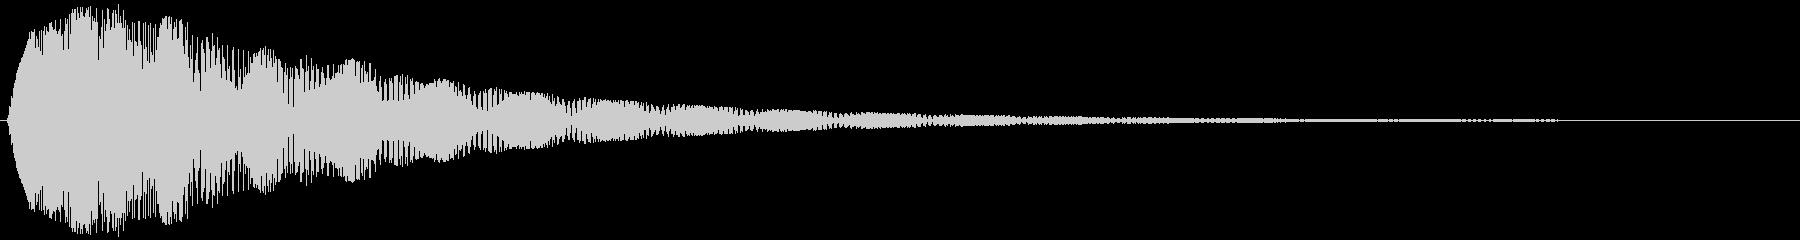 クゥワァーンの未再生の波形